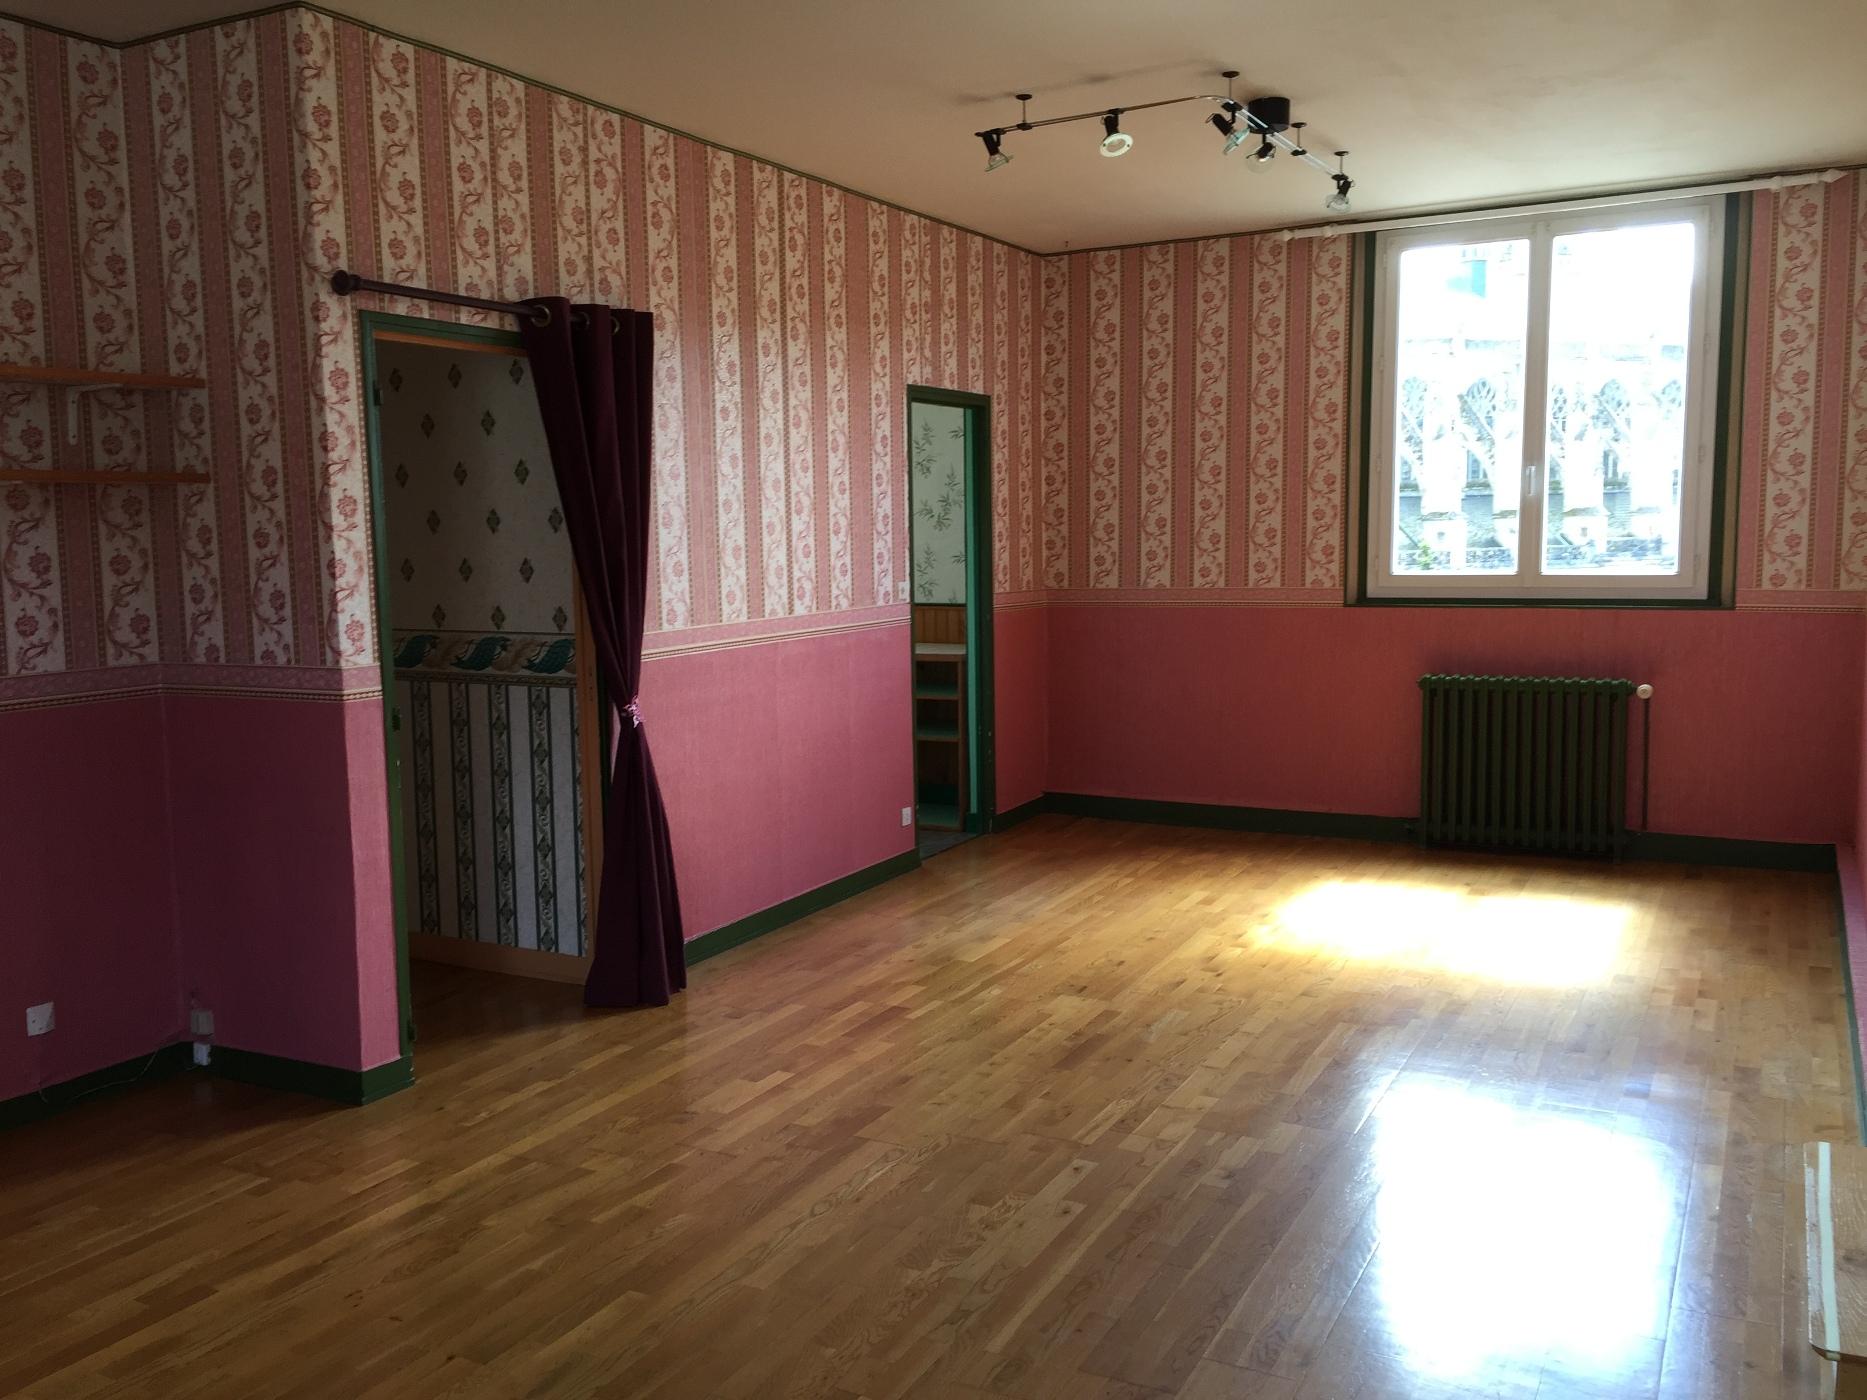 acheter achat d 39 un appartement f4 caudebec en caux vall e de seine 76 agence immobili re du parc. Black Bedroom Furniture Sets. Home Design Ideas